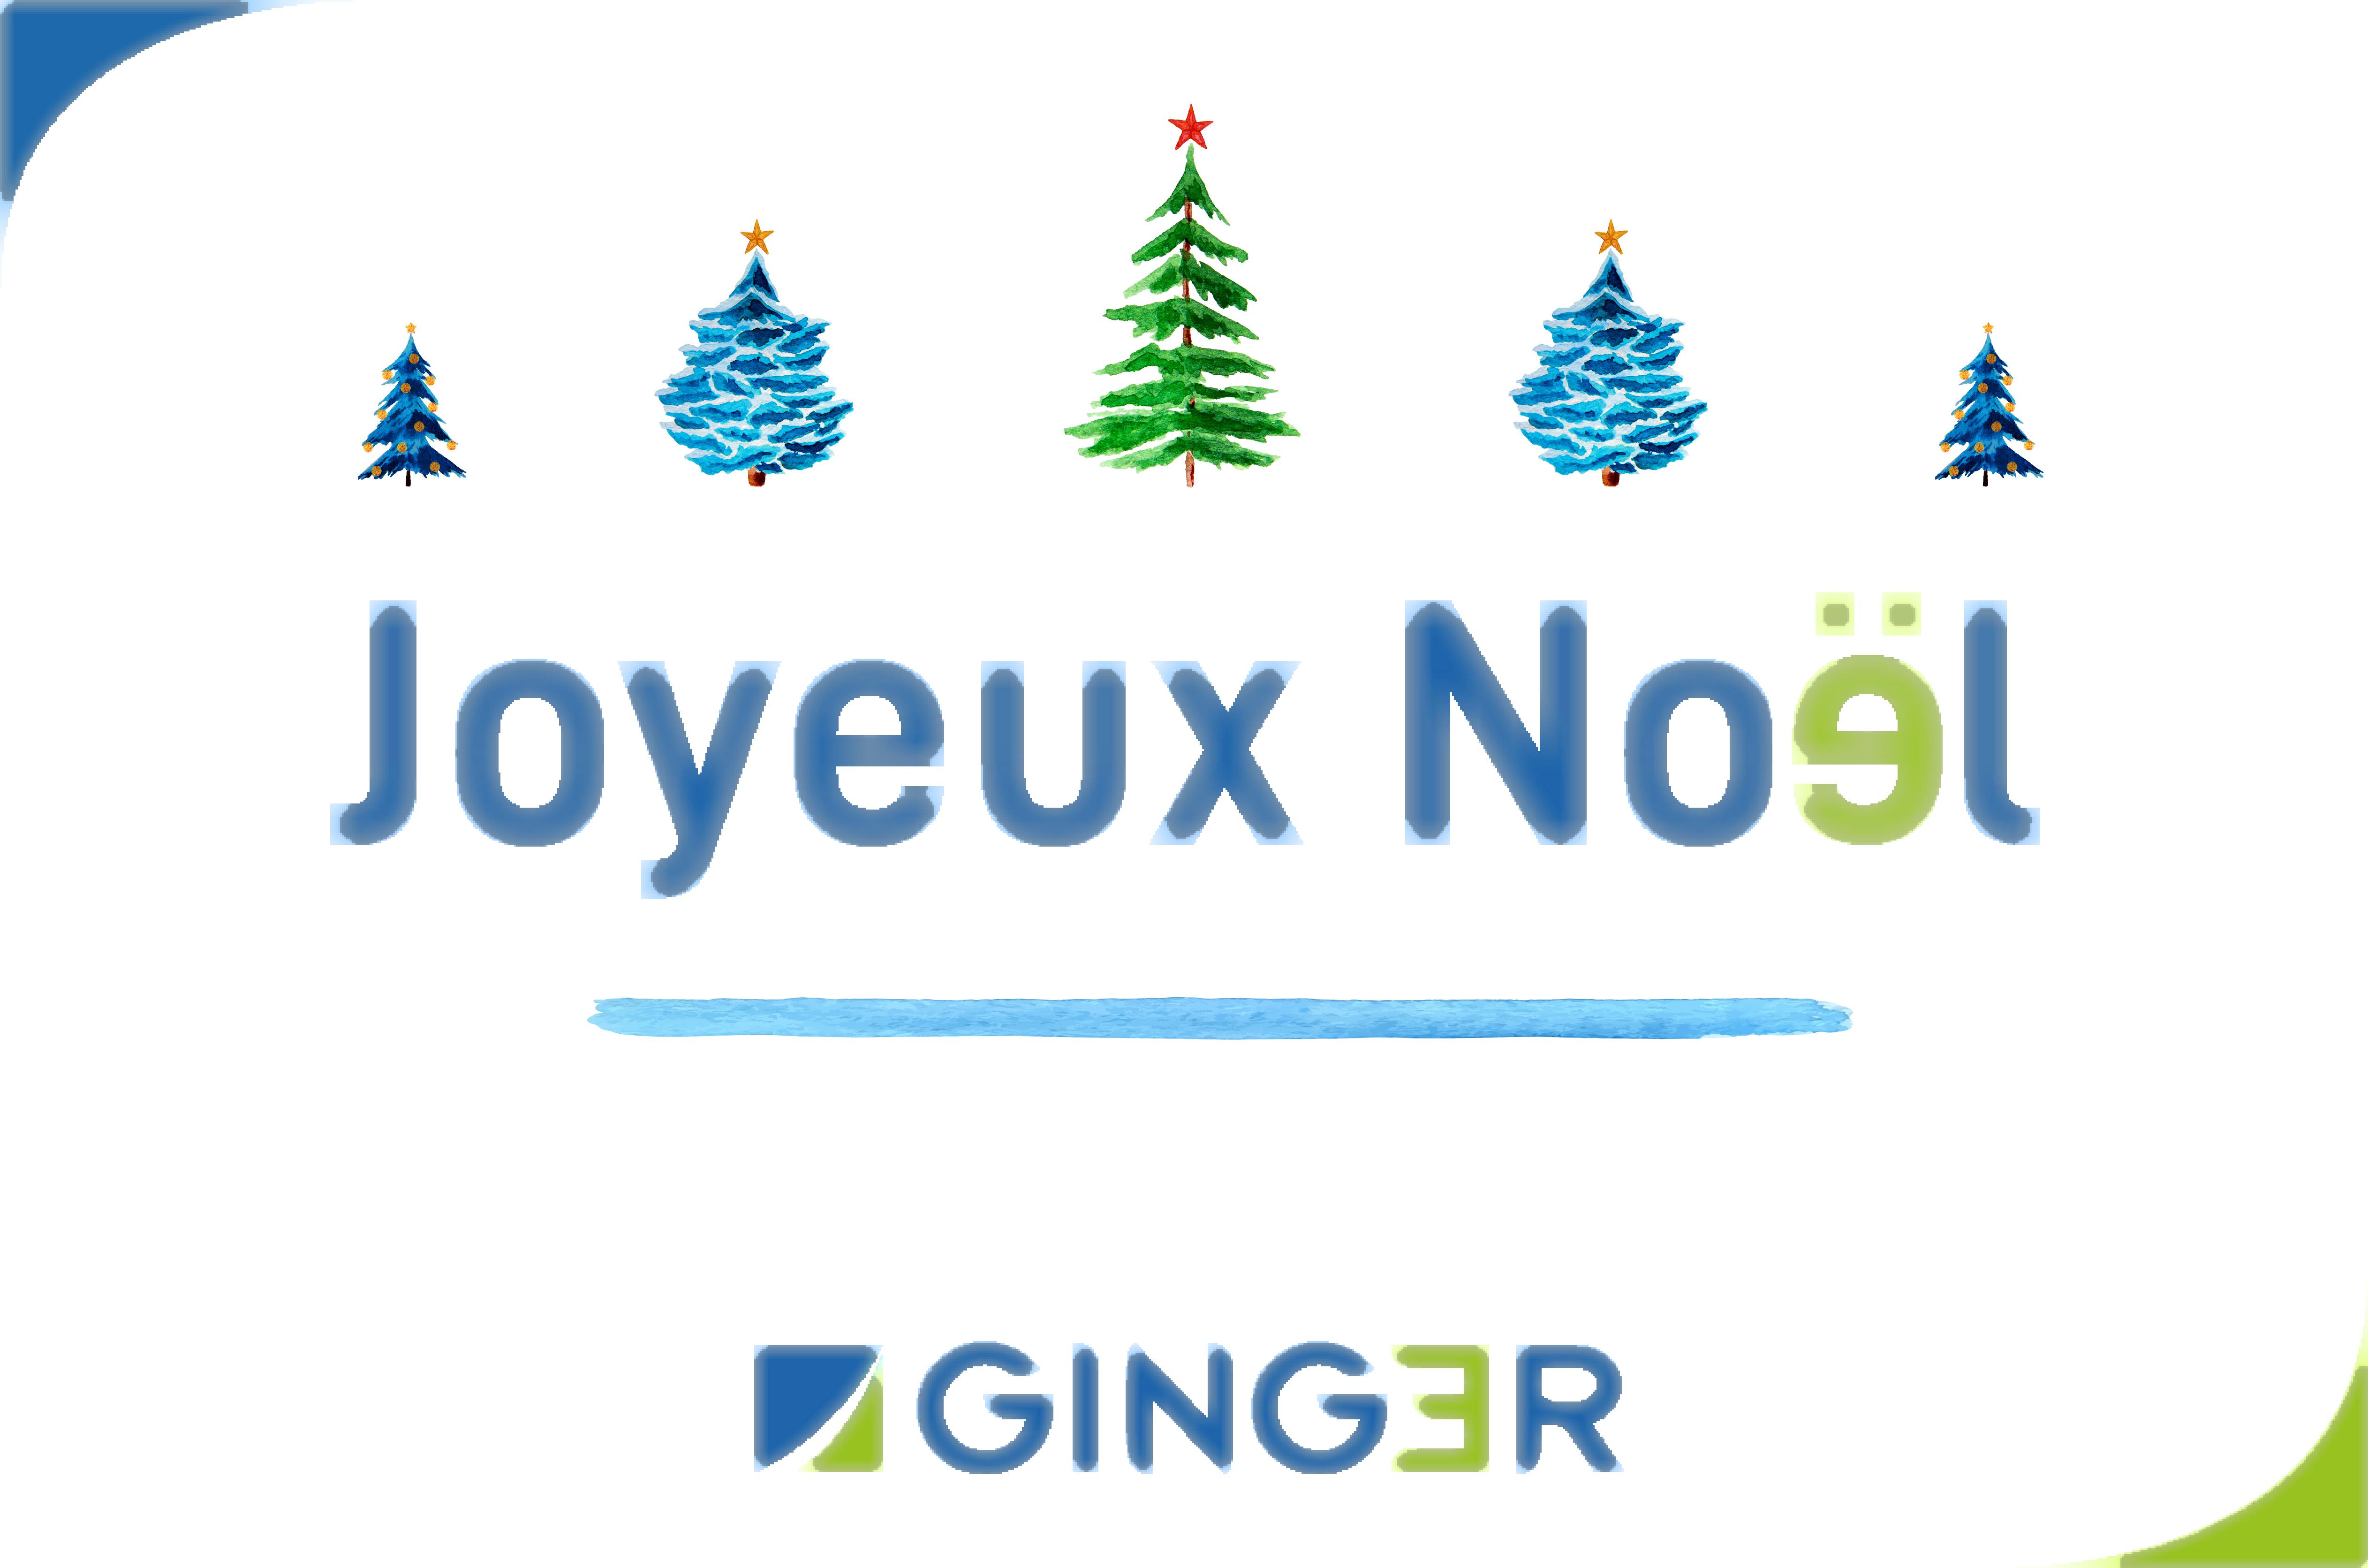 Joyeux Noël de la part de Ginger